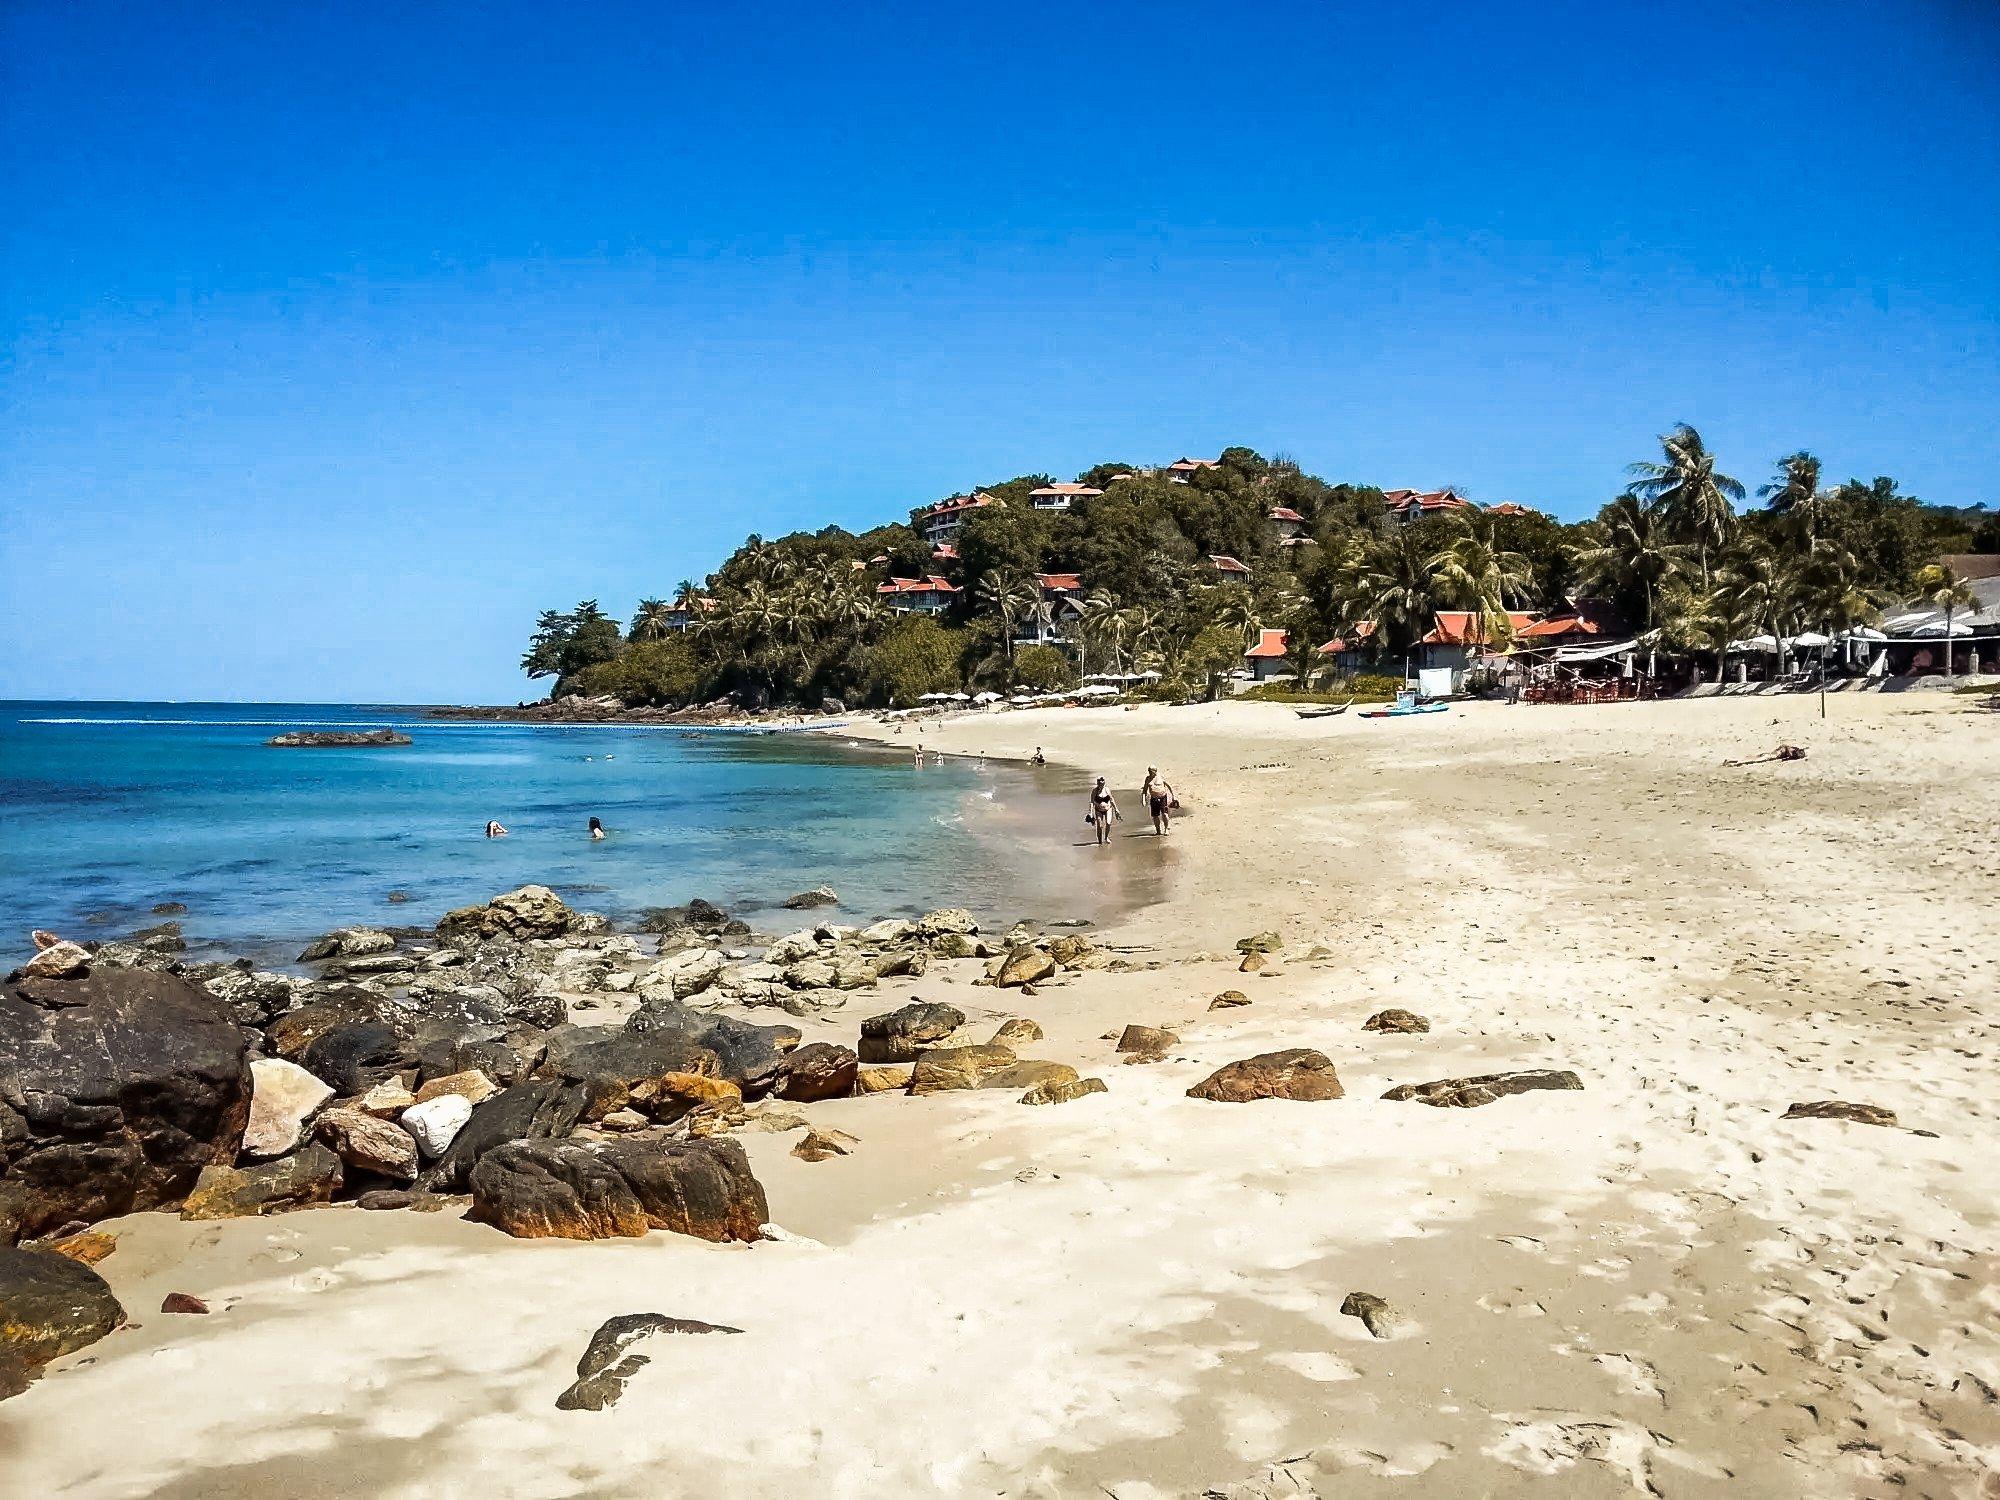 Klong Khong beach in Koh Lanta Thailand.